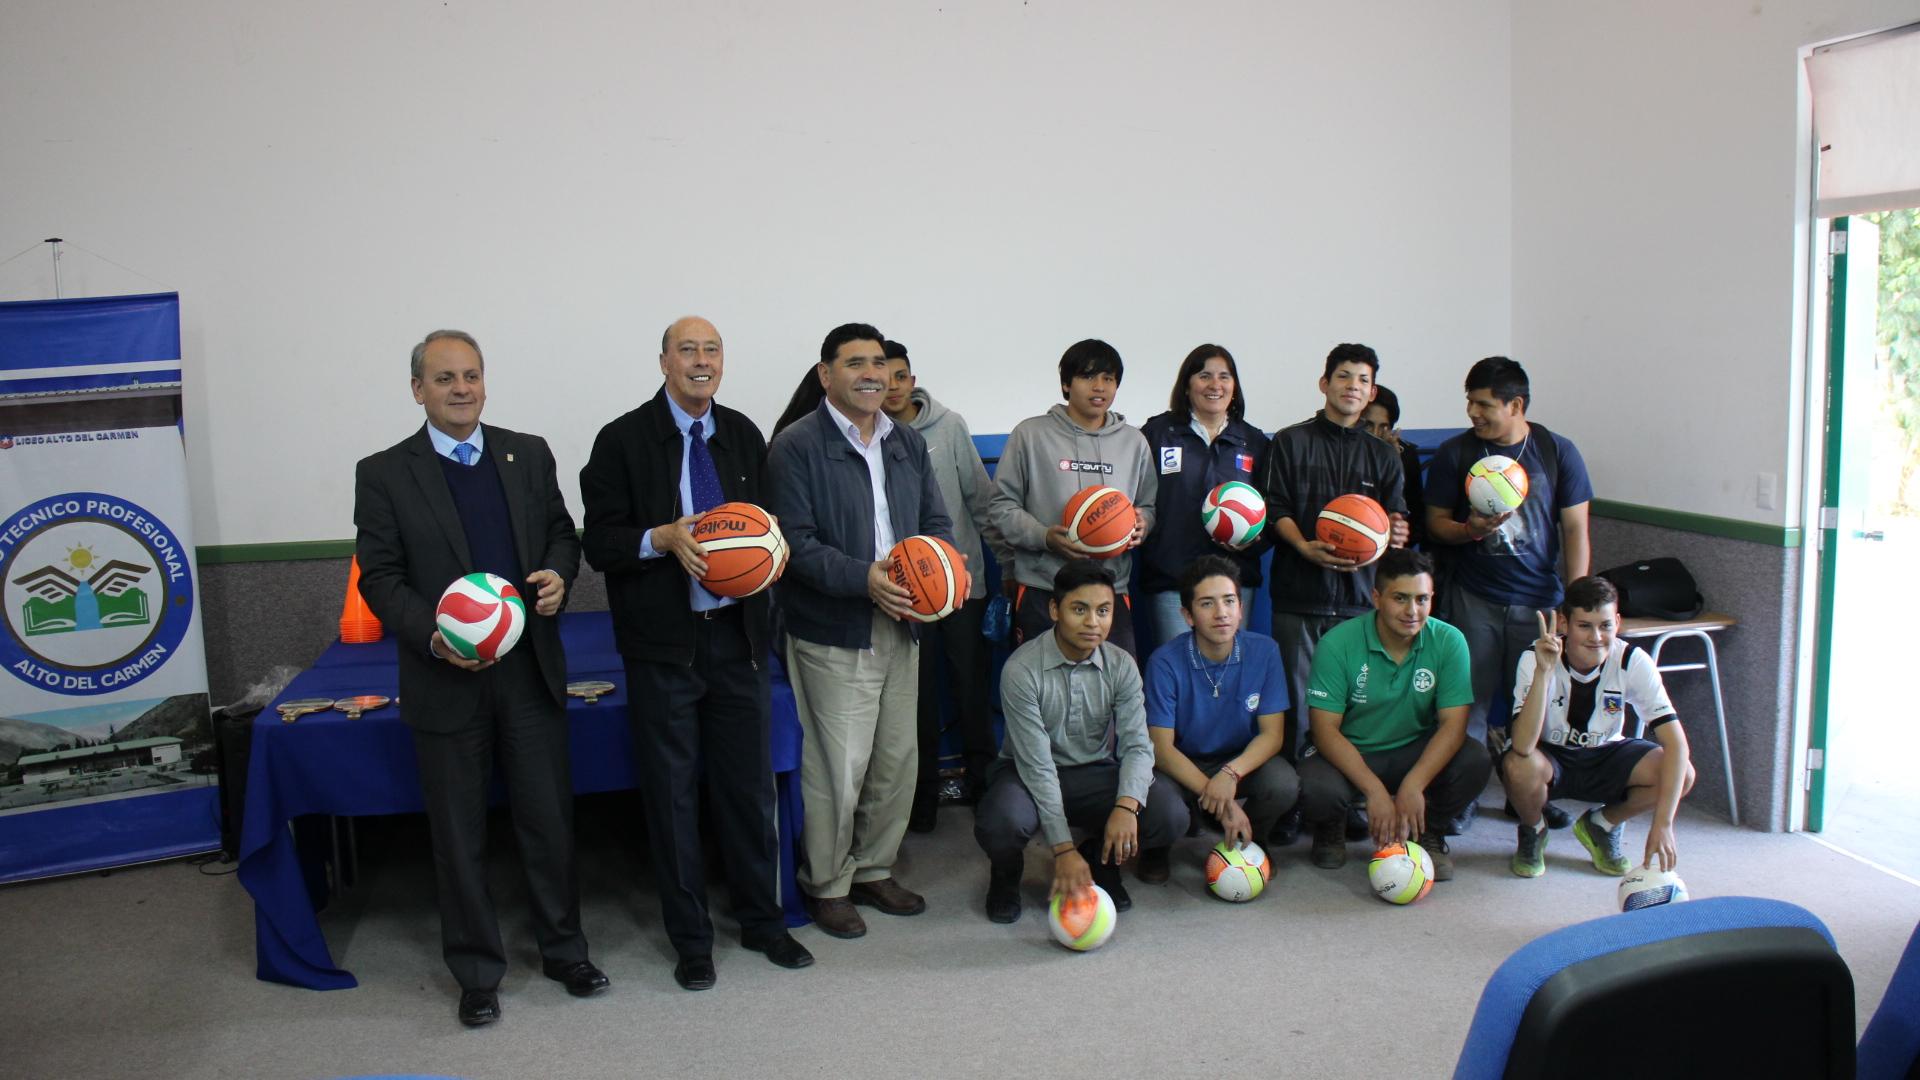 La educación, la cultura y el deporte se dan cita en Liceo Alto del Carmen